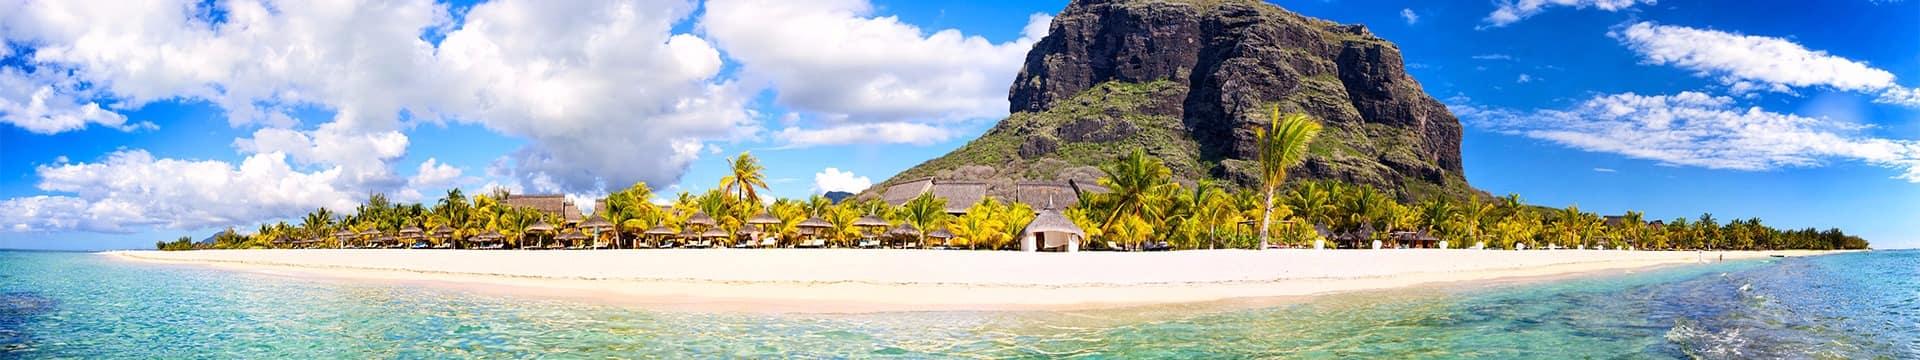 Ilhas Maurício | Pacotes Kangaroo Tours